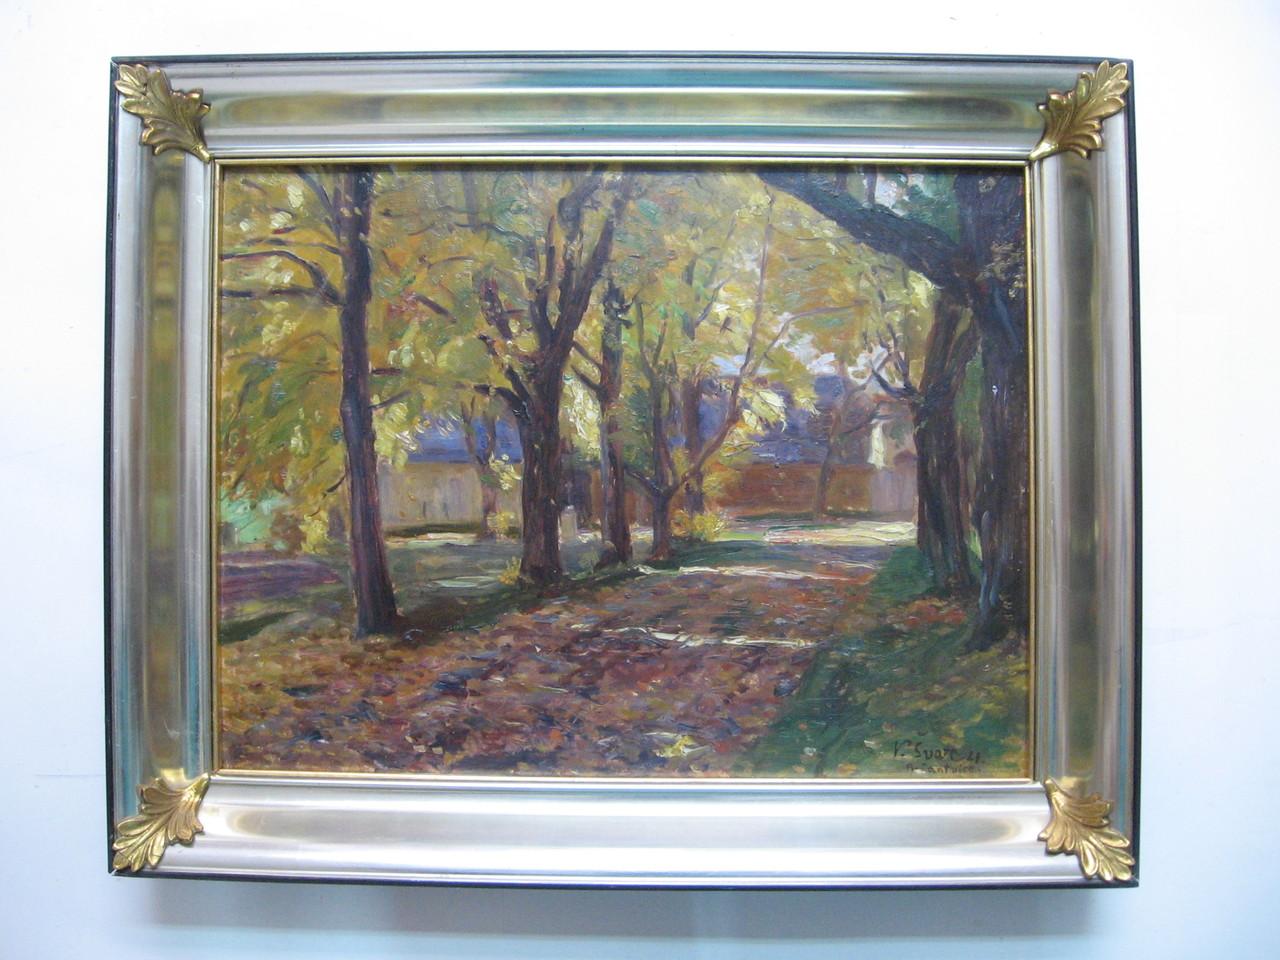 Dipinto ad olio con cornice ottocentesca a guantiera in foglia di platino con decorazioni e filetto interno in foglia d'oro.